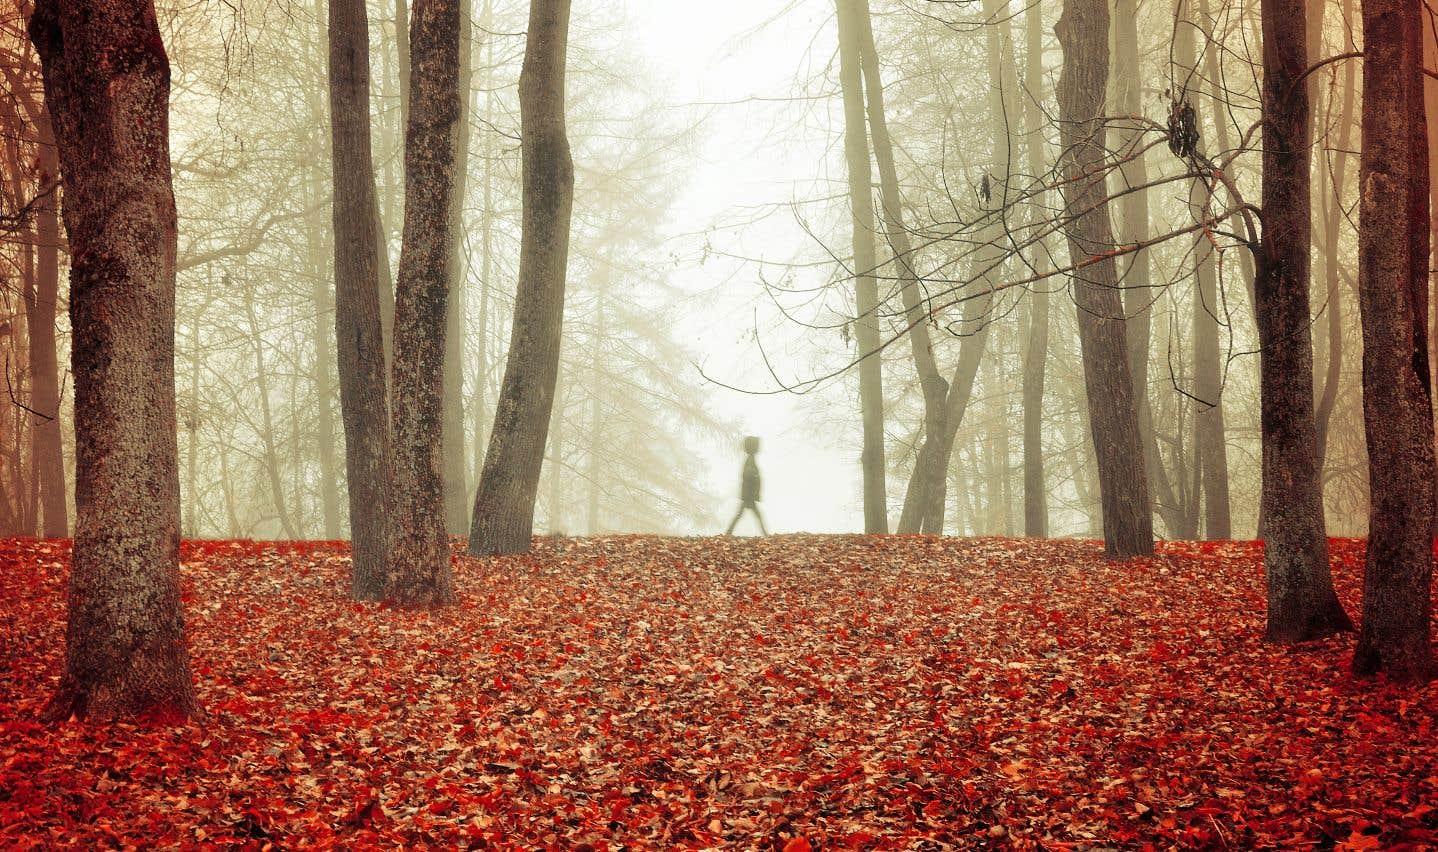 À la rencontre de l'autre dans la forêt d'Hokkaido